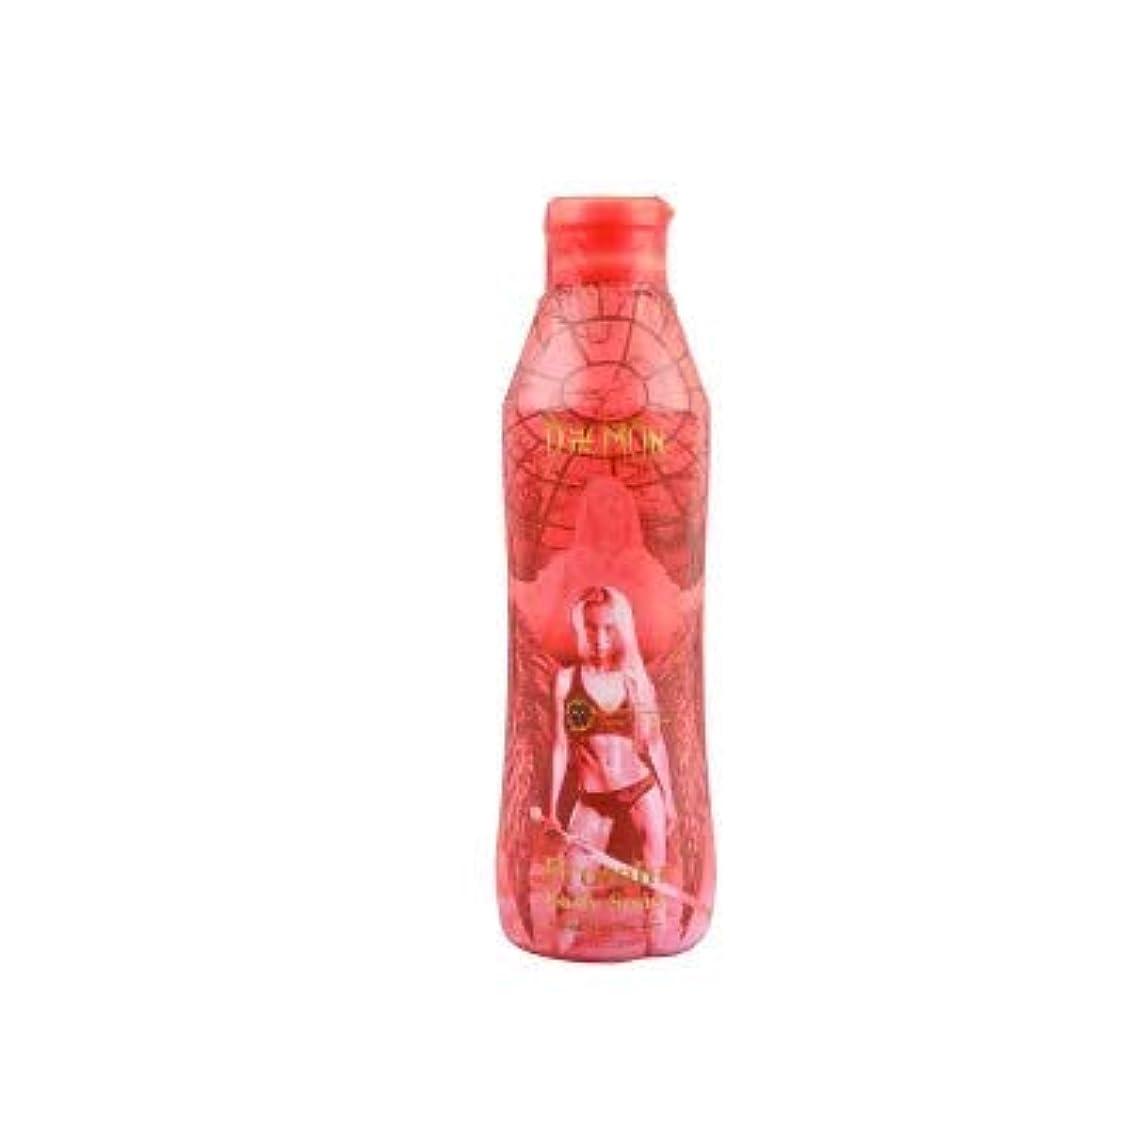 混合飲料重要性Daemon プロテインボディソープ 女性用 450mL EXOTIC Cafeの香り